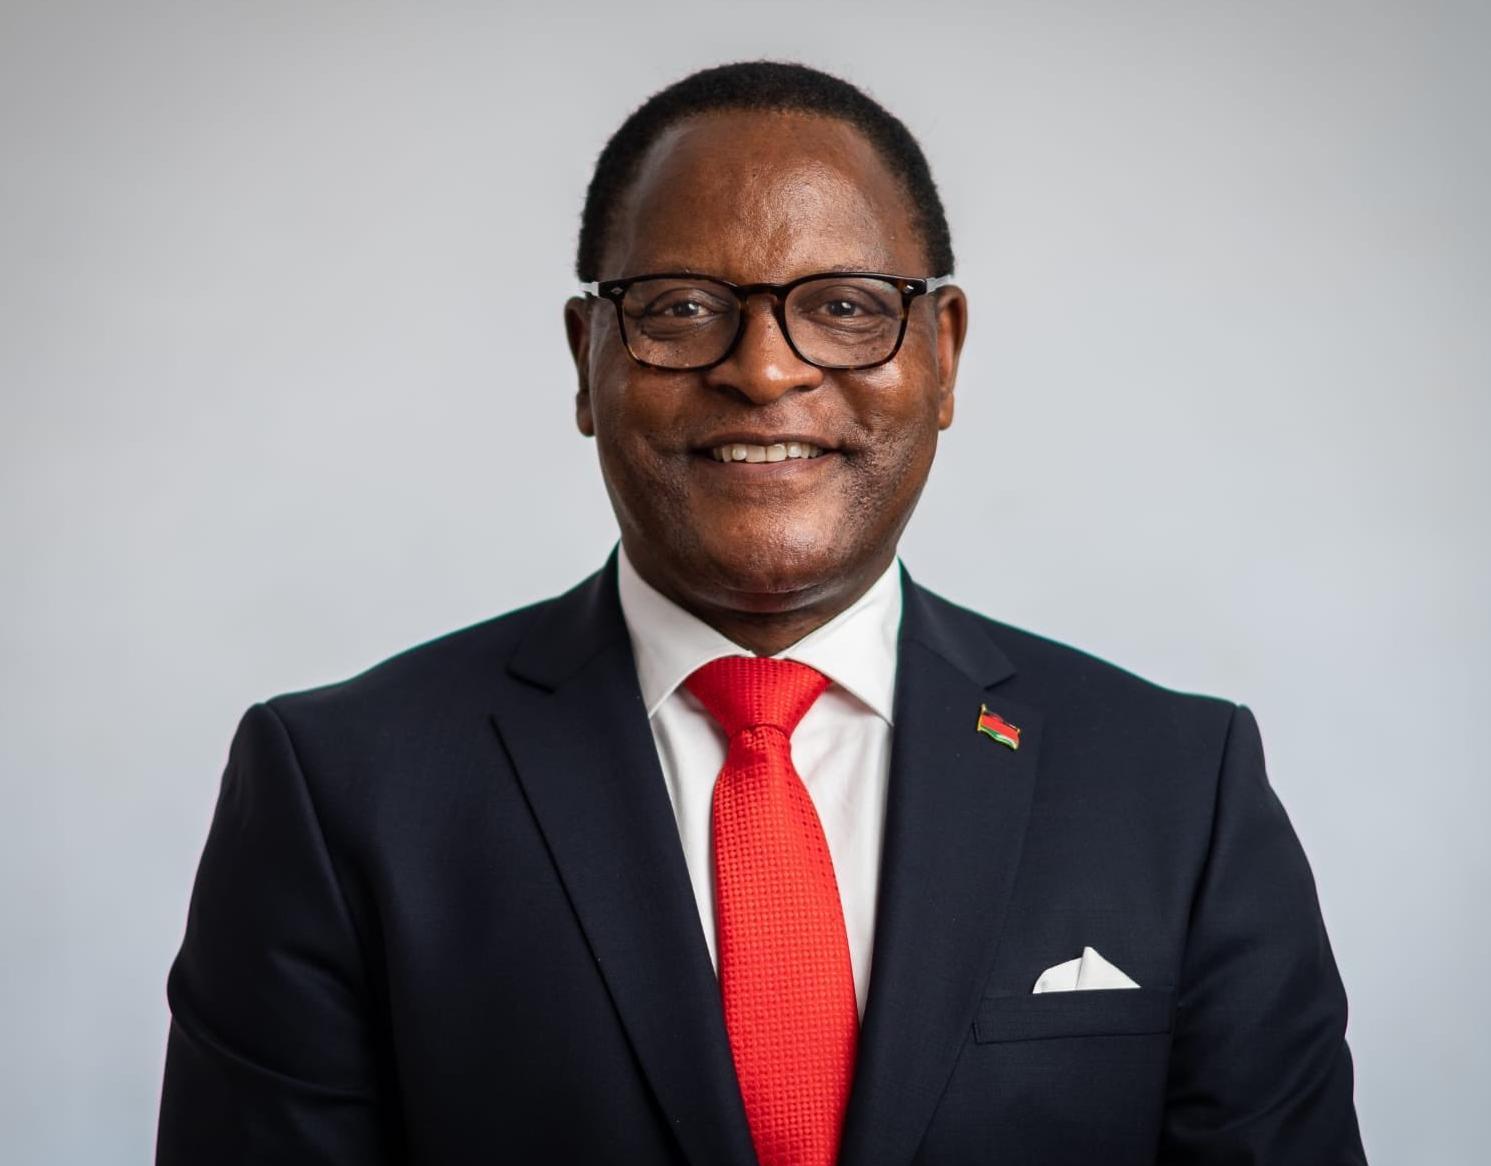 马拉维选举委员会宣布查克维拉当选马拉维第六任总统